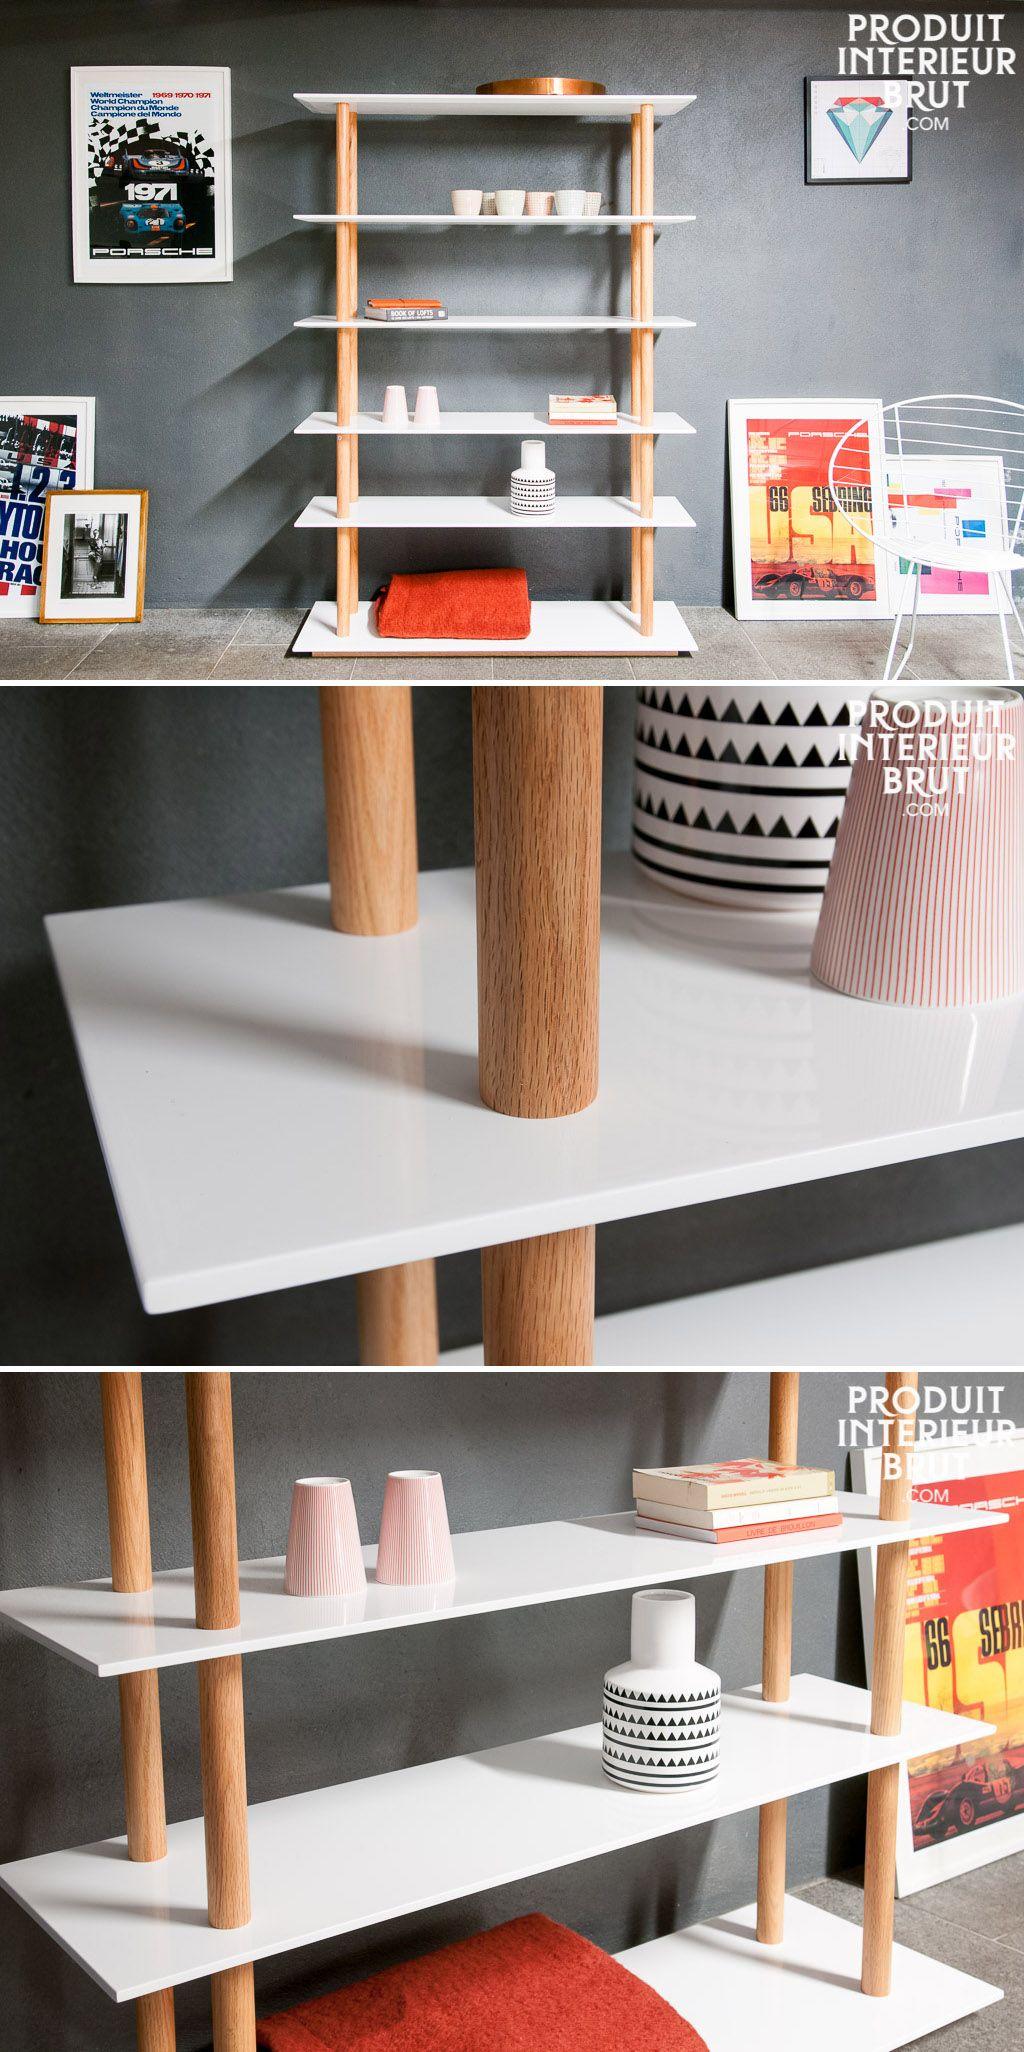 Bucherregal Tenno Finesse Der Regalboden Struktur Regal Bucherregal Skandinavisches Design